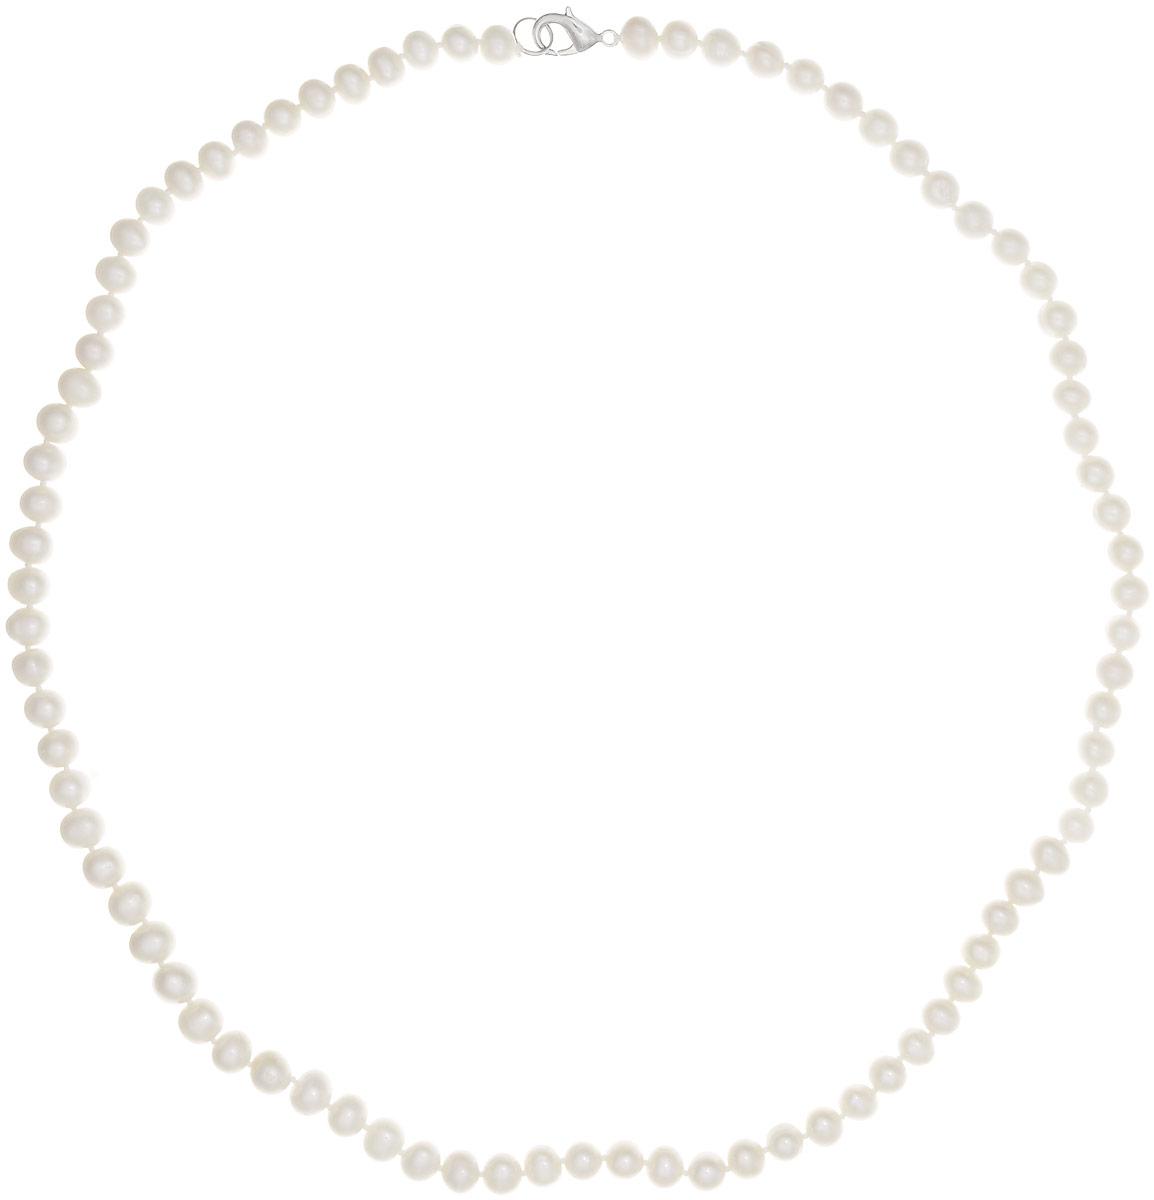 Бусы Art-Silver, цвет: белый, длина 50 см. КЖб8-9-50-533КЖб8-9-50-533Бусы Art-Silver выполнены из культивированного жемчуга, нанизанного на текстильную нить. Украшение имеет удобный замок-карабин из бижутерного сплава. Мелкие бусины диаметром 5-7 мм из натурального культивированного жемчуга нежно-бежевого цвета имеют слегка неоднородную форму, что подчеркивает естественное происхождение жемчужин. Благородный перламутровый блеск жемчуга подчеркнет вашу элегантность и превосходный вкус.